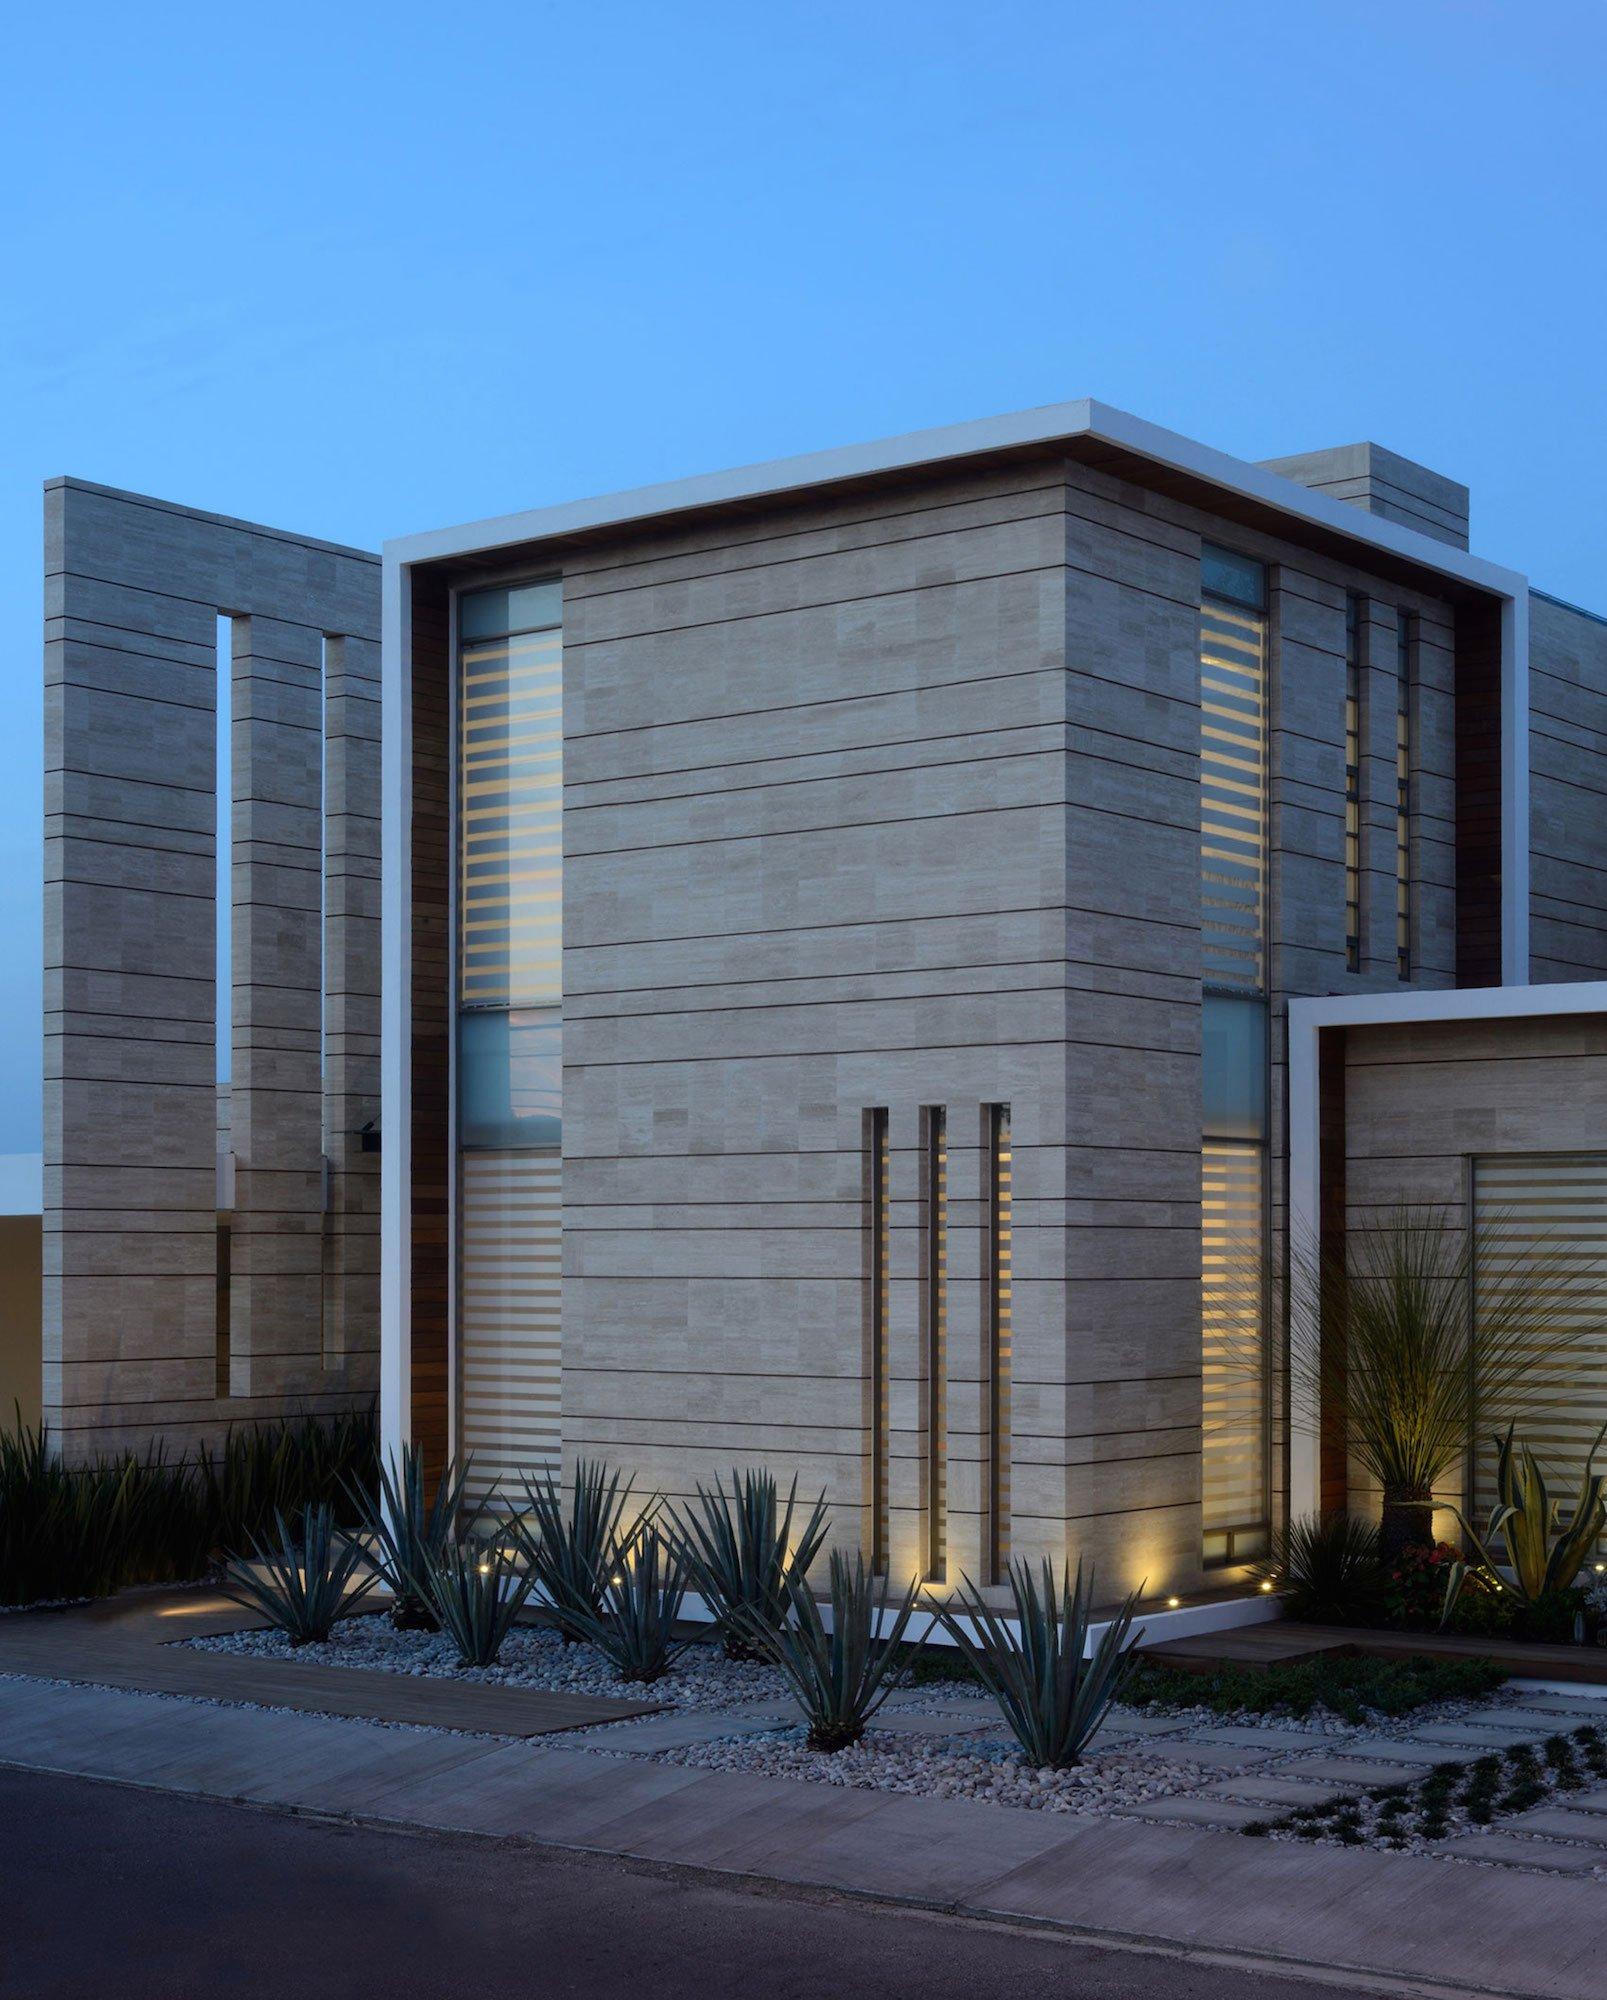 Detalles de fachada de dos pisos